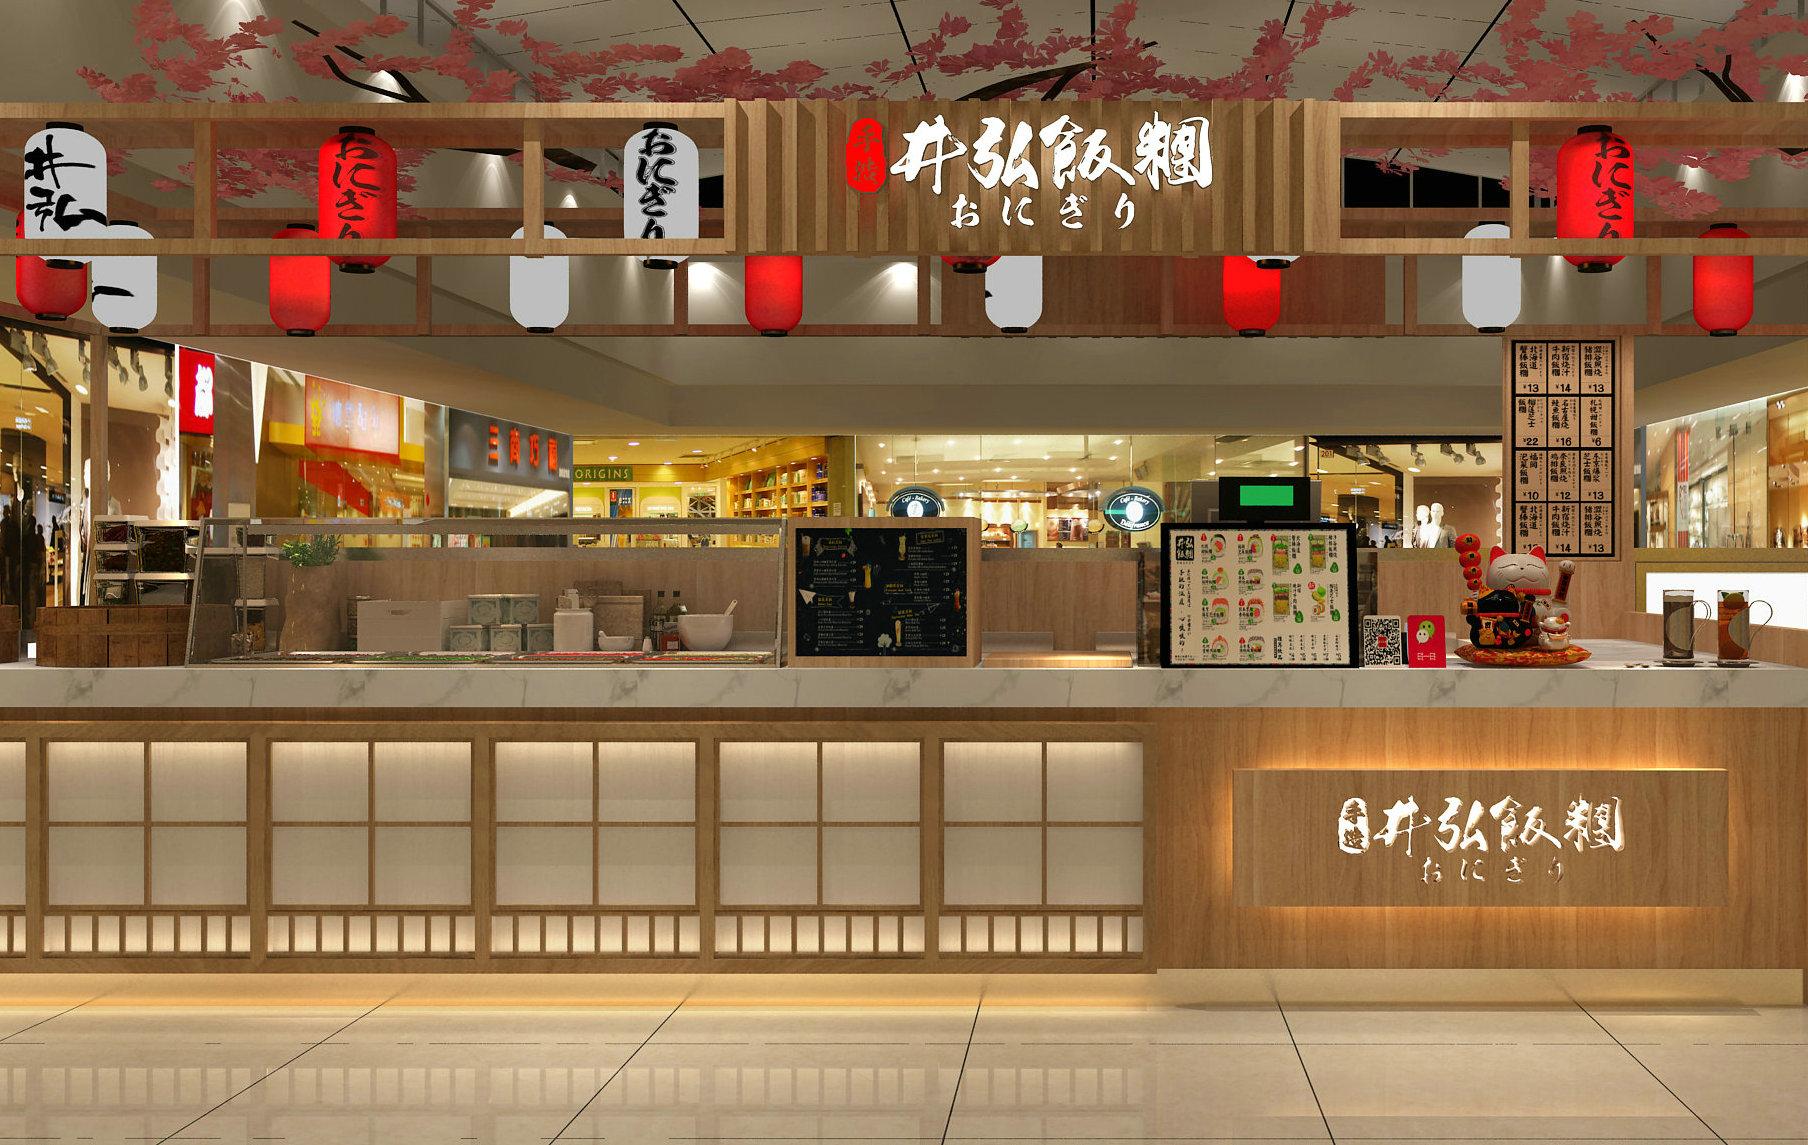 餐饮设计项目之井弘饭团万达店